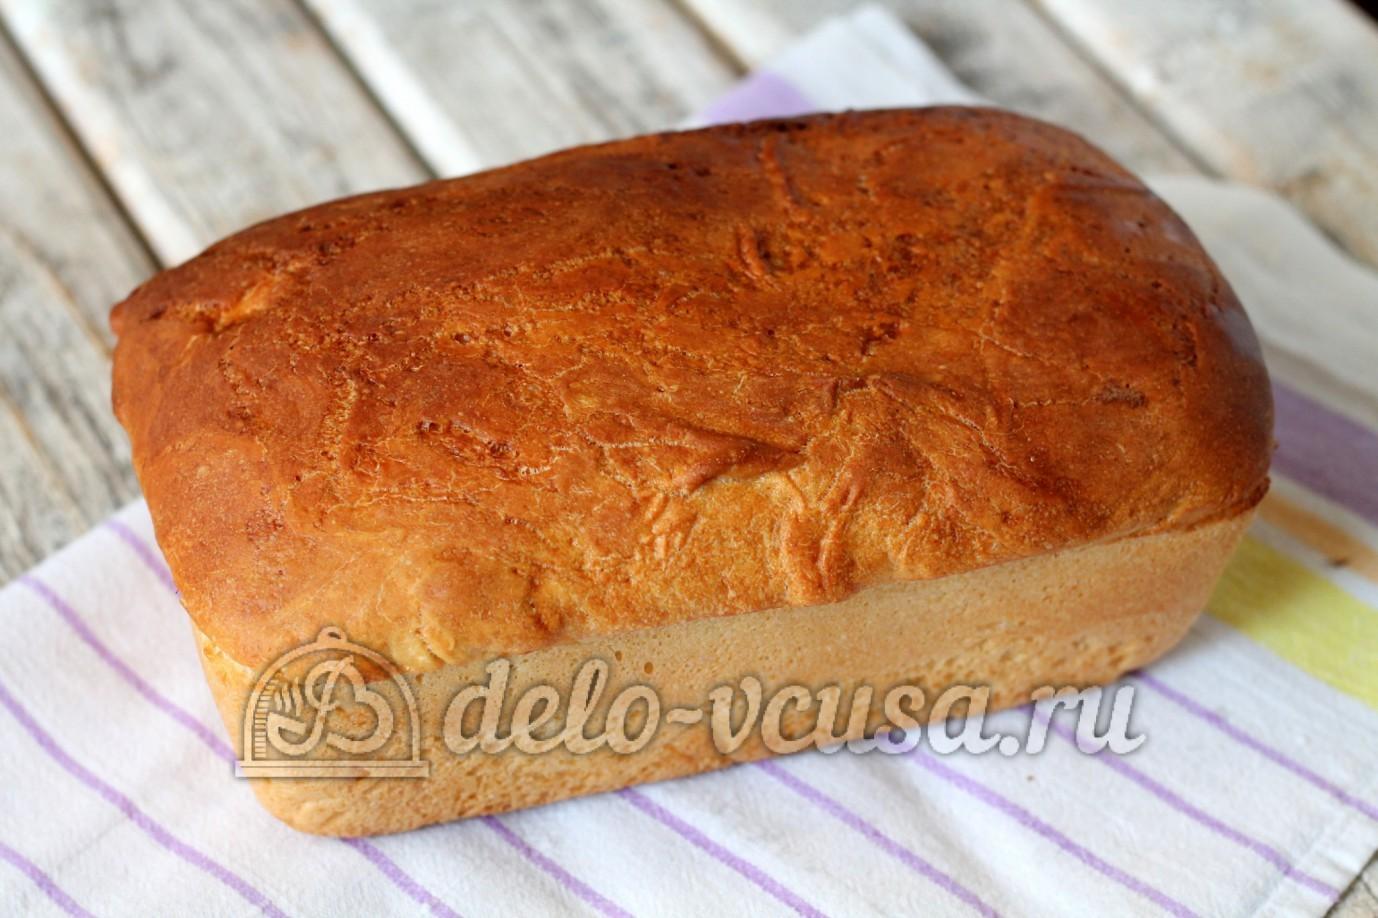 домашний пшеничный хлеб в духовке рецепты с фото